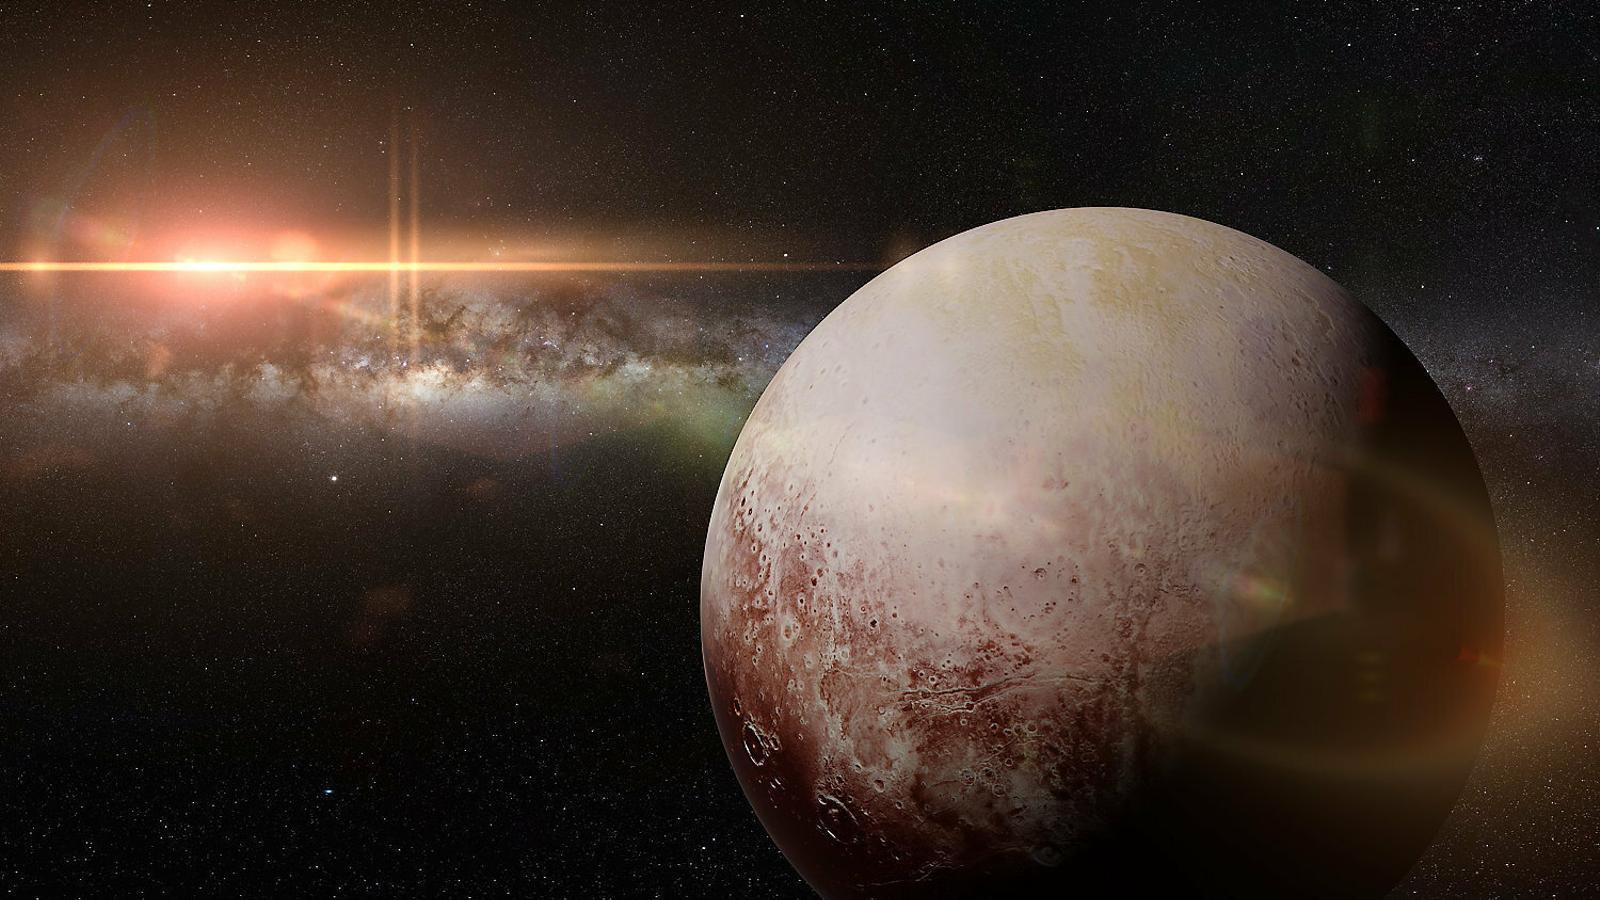 """""""Tot aquest embolic va començar quan van expulsar Plutó del sistema solar""""."""